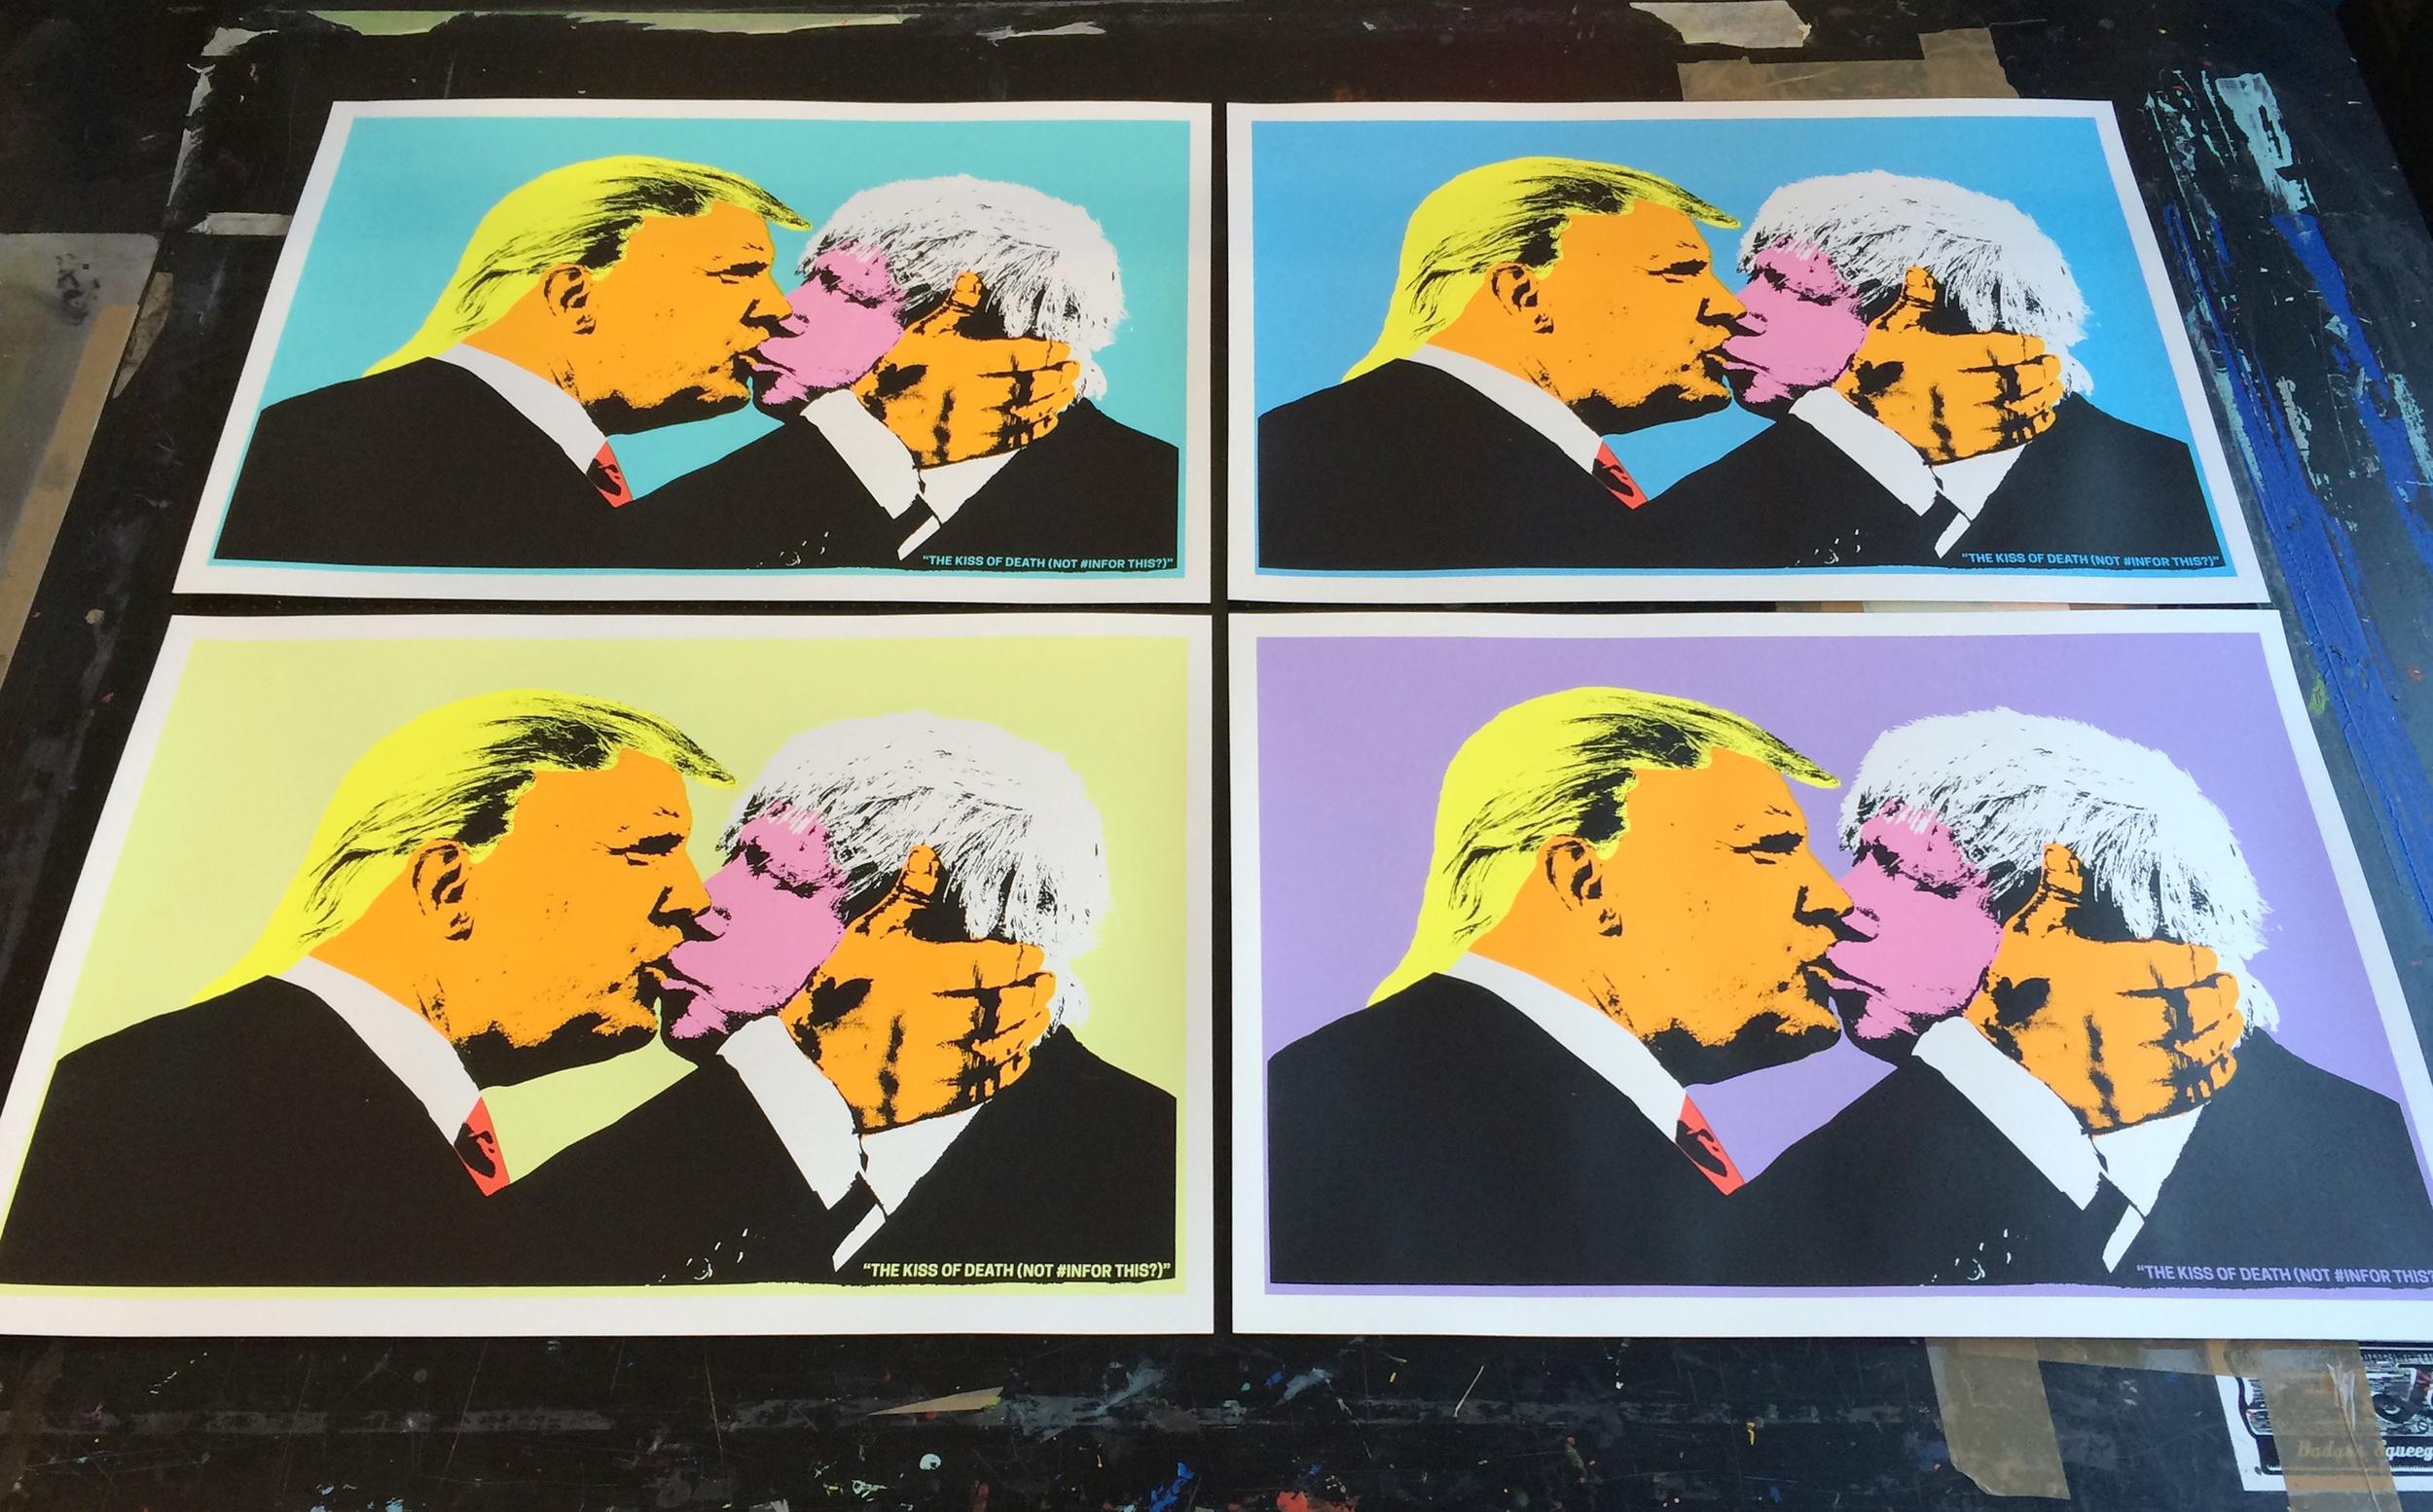 TrumpBlog4.jpg